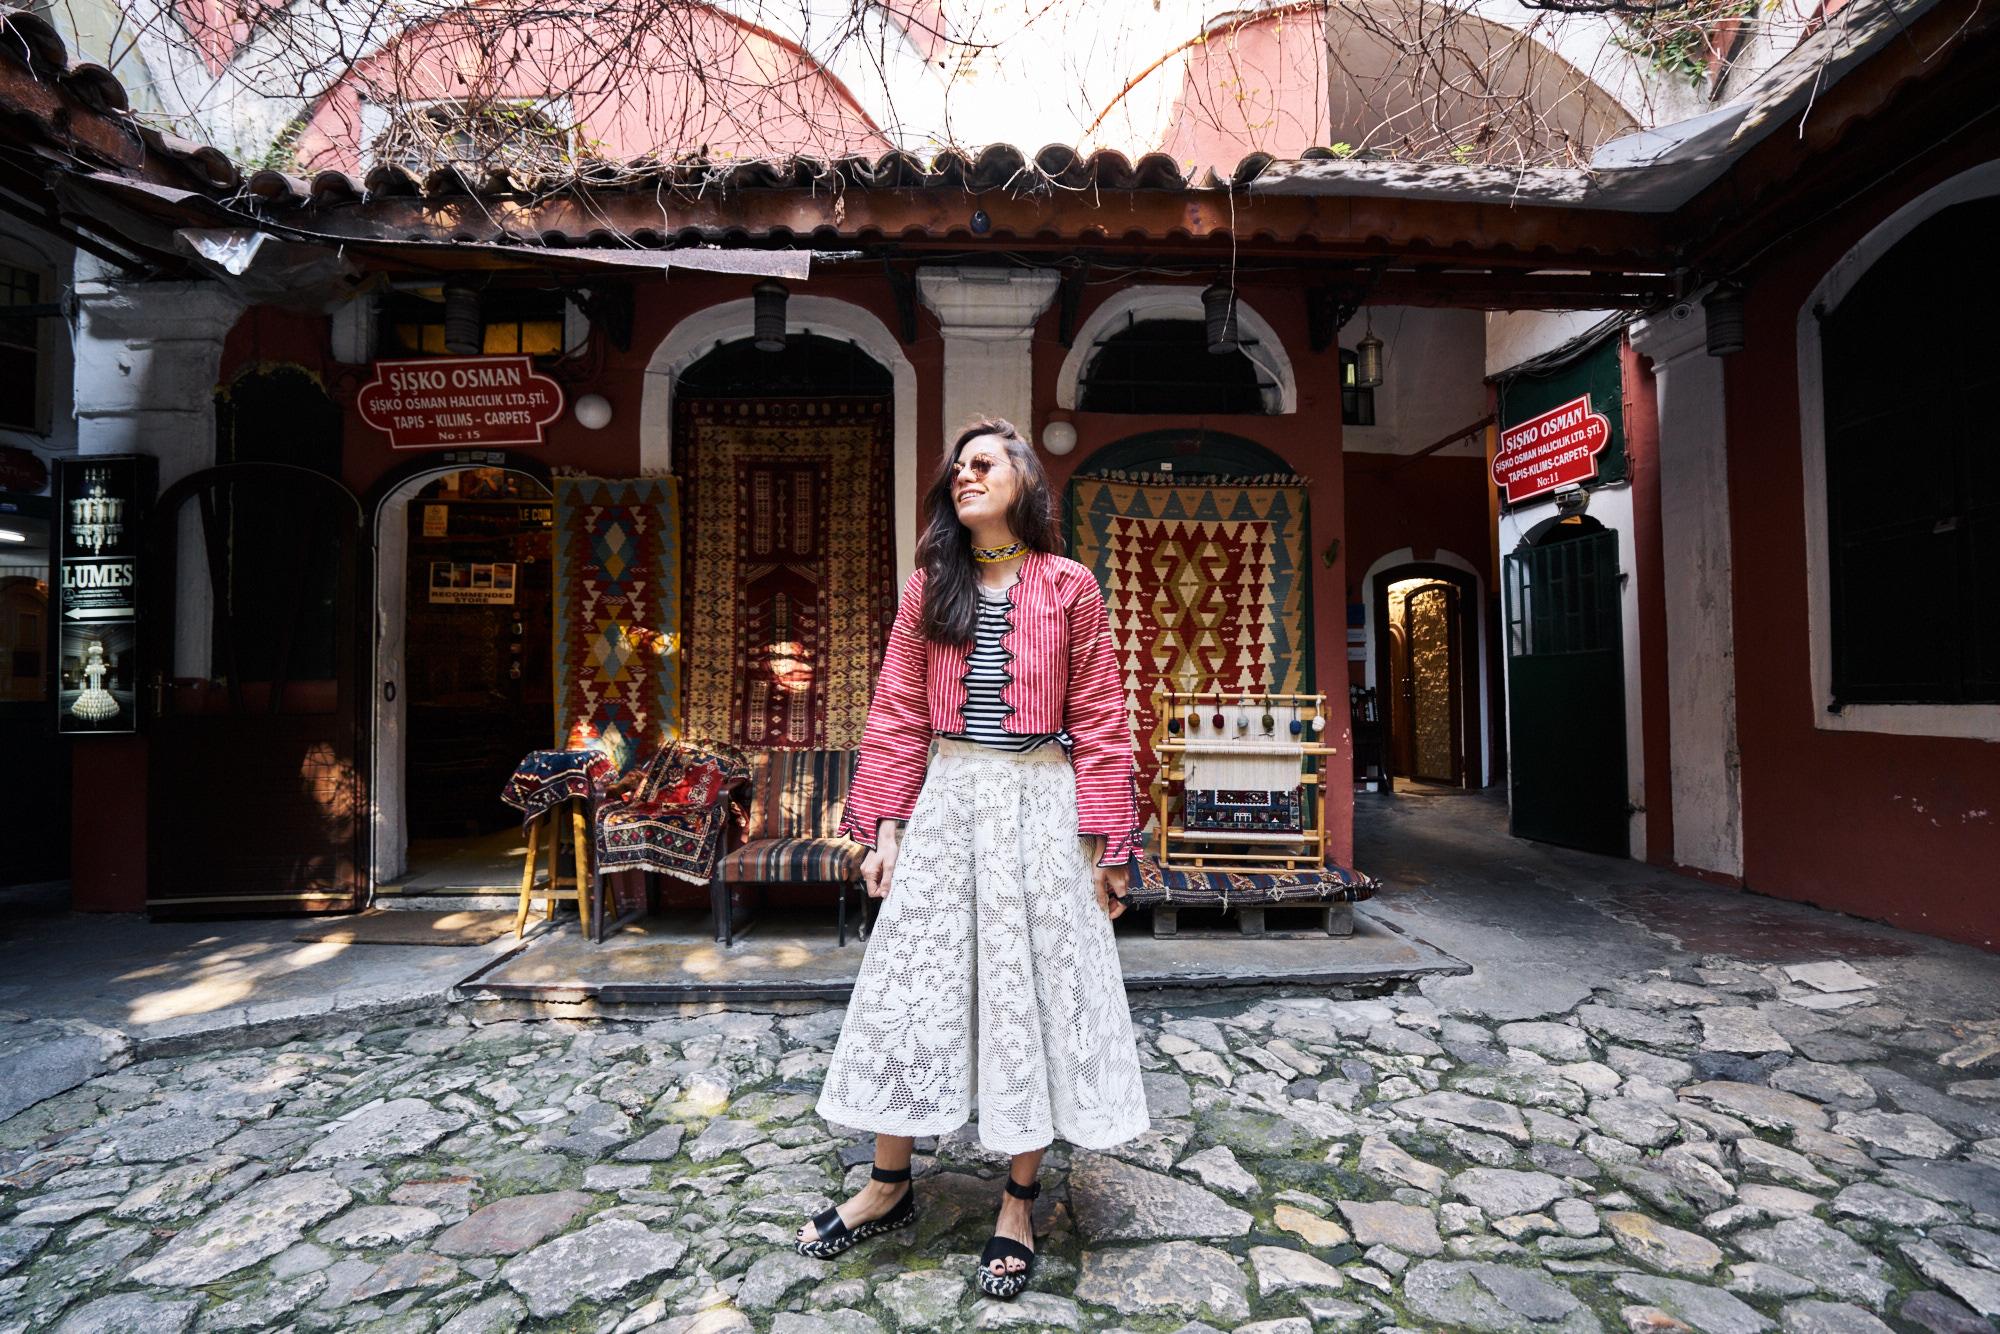 billur saatci, offnegiysem, street style, turkish style blogger, kapalıçarşı, grand bazaar, opening ceremony, rayban, mavi, Proenza Schouler